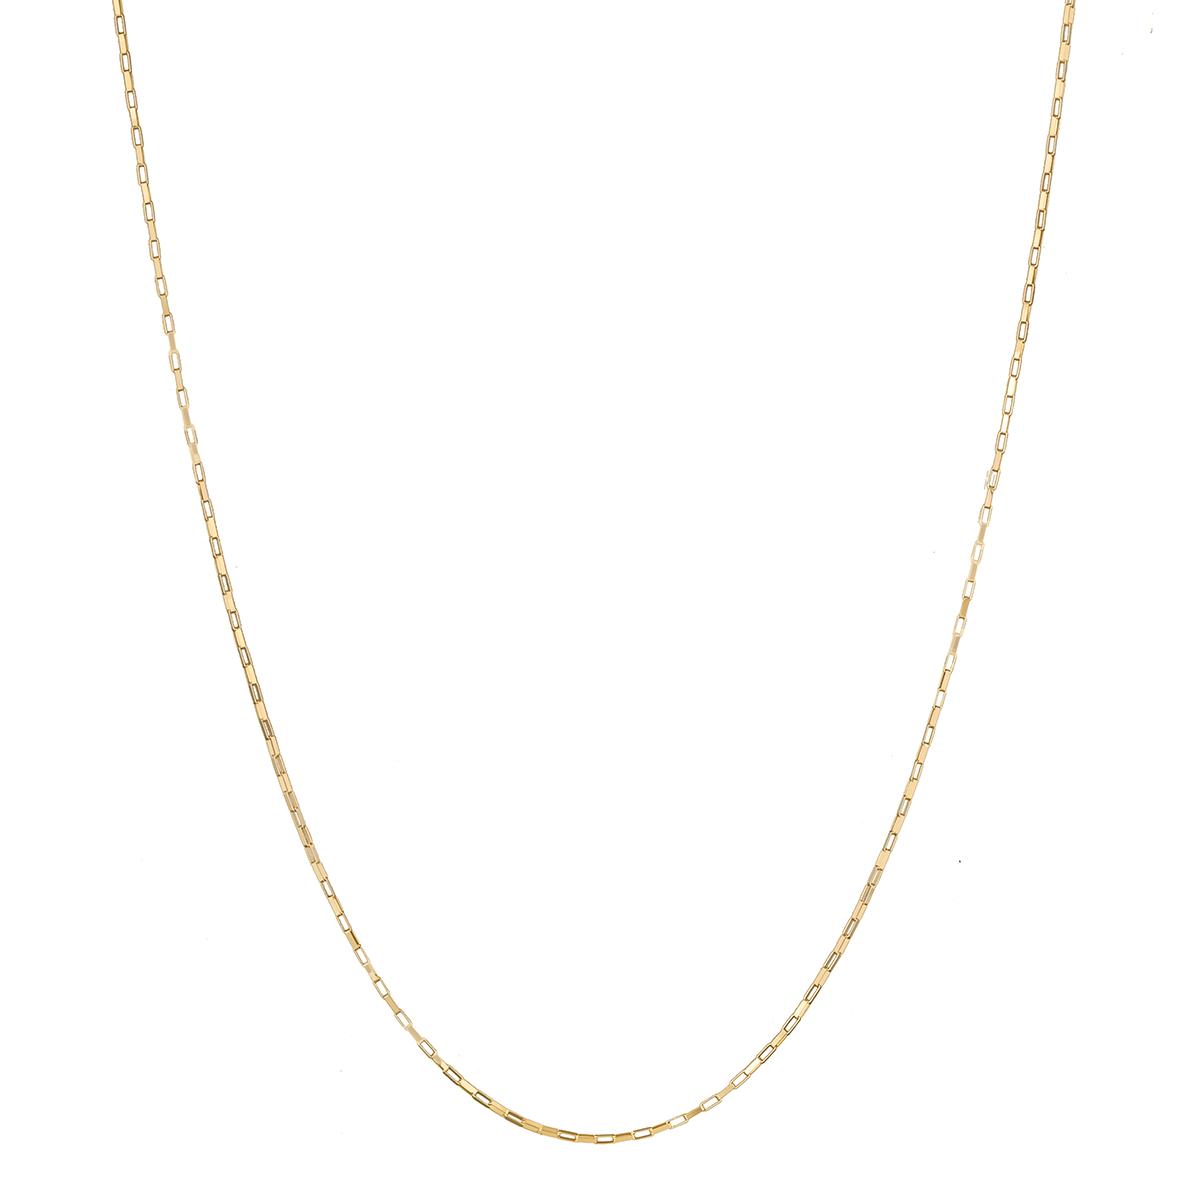 Corrente Cordão Colar Masculino Ouro 1.8g  60cm Em Ouro 18k 750 Cadeado